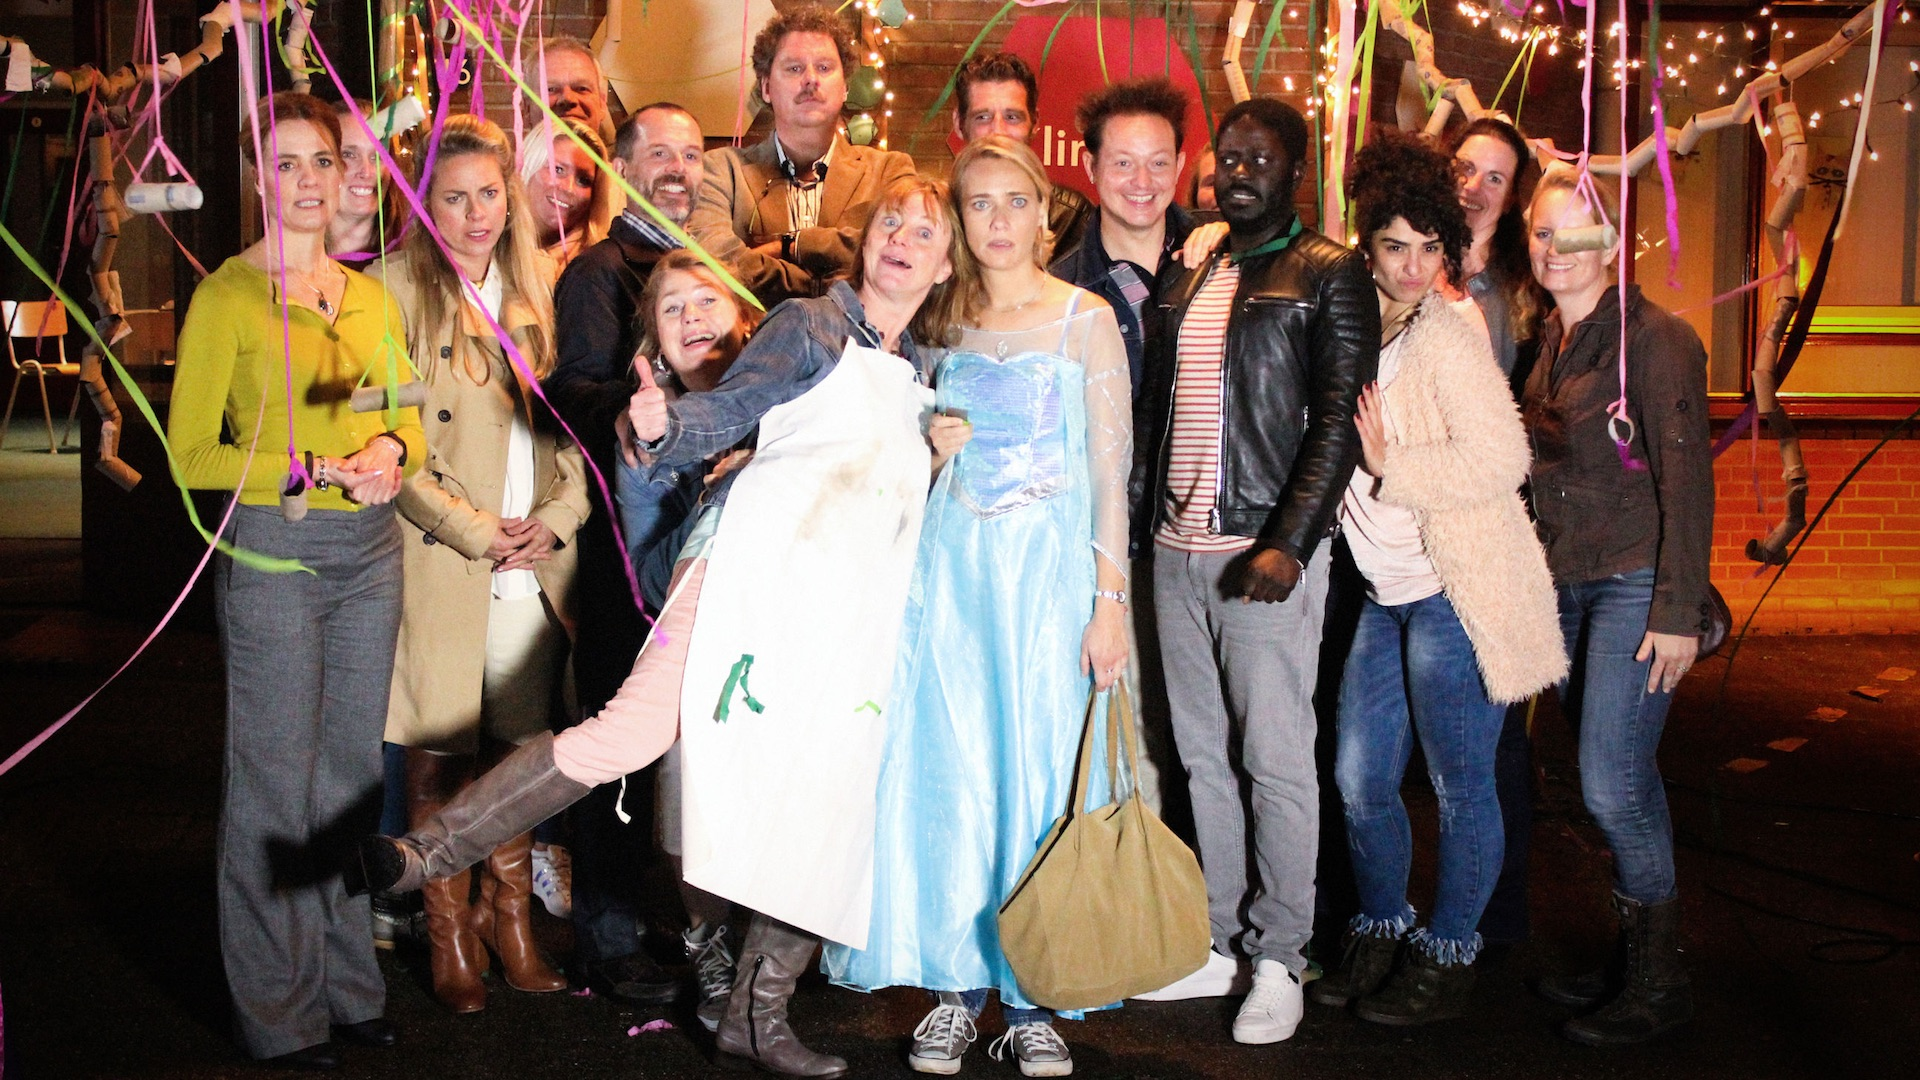 Twee nieuwe acteurs toegevoegd aan cast De Luizenmoeder